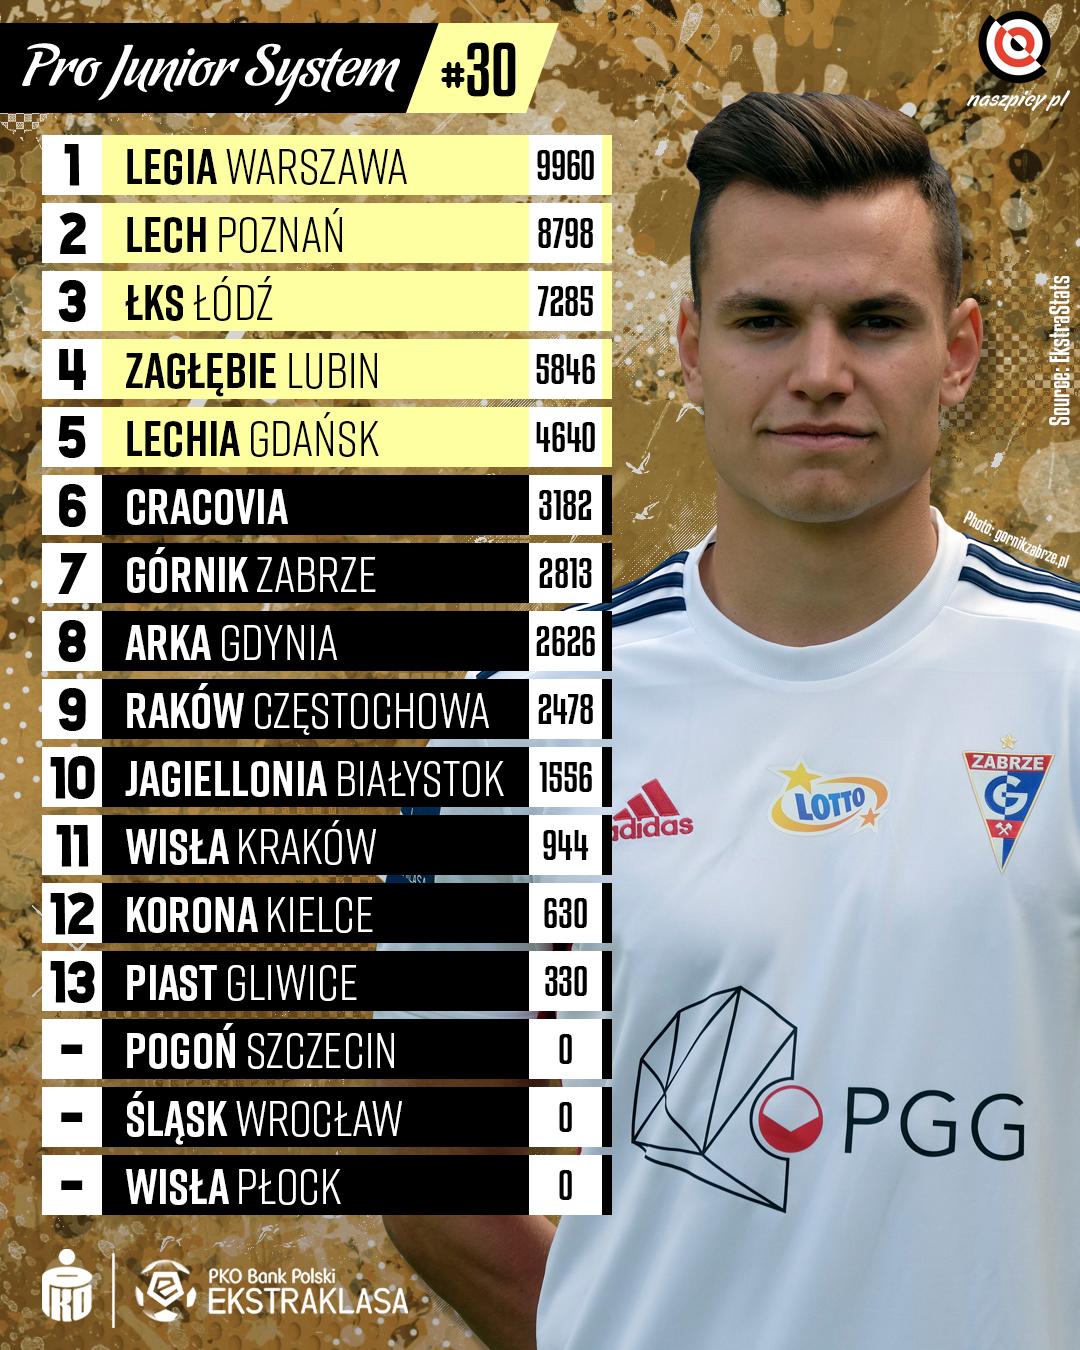 Punktacja Pro Junior System po 30. kolejce PKO Ekstraklasy<br><br>Źródło: Opracowanie własne na podstawie ekstrastats.pl<br><br>fot. Górnik Zabrze / gornikzabrze.pl<br><br>graf. Bartosz Urban